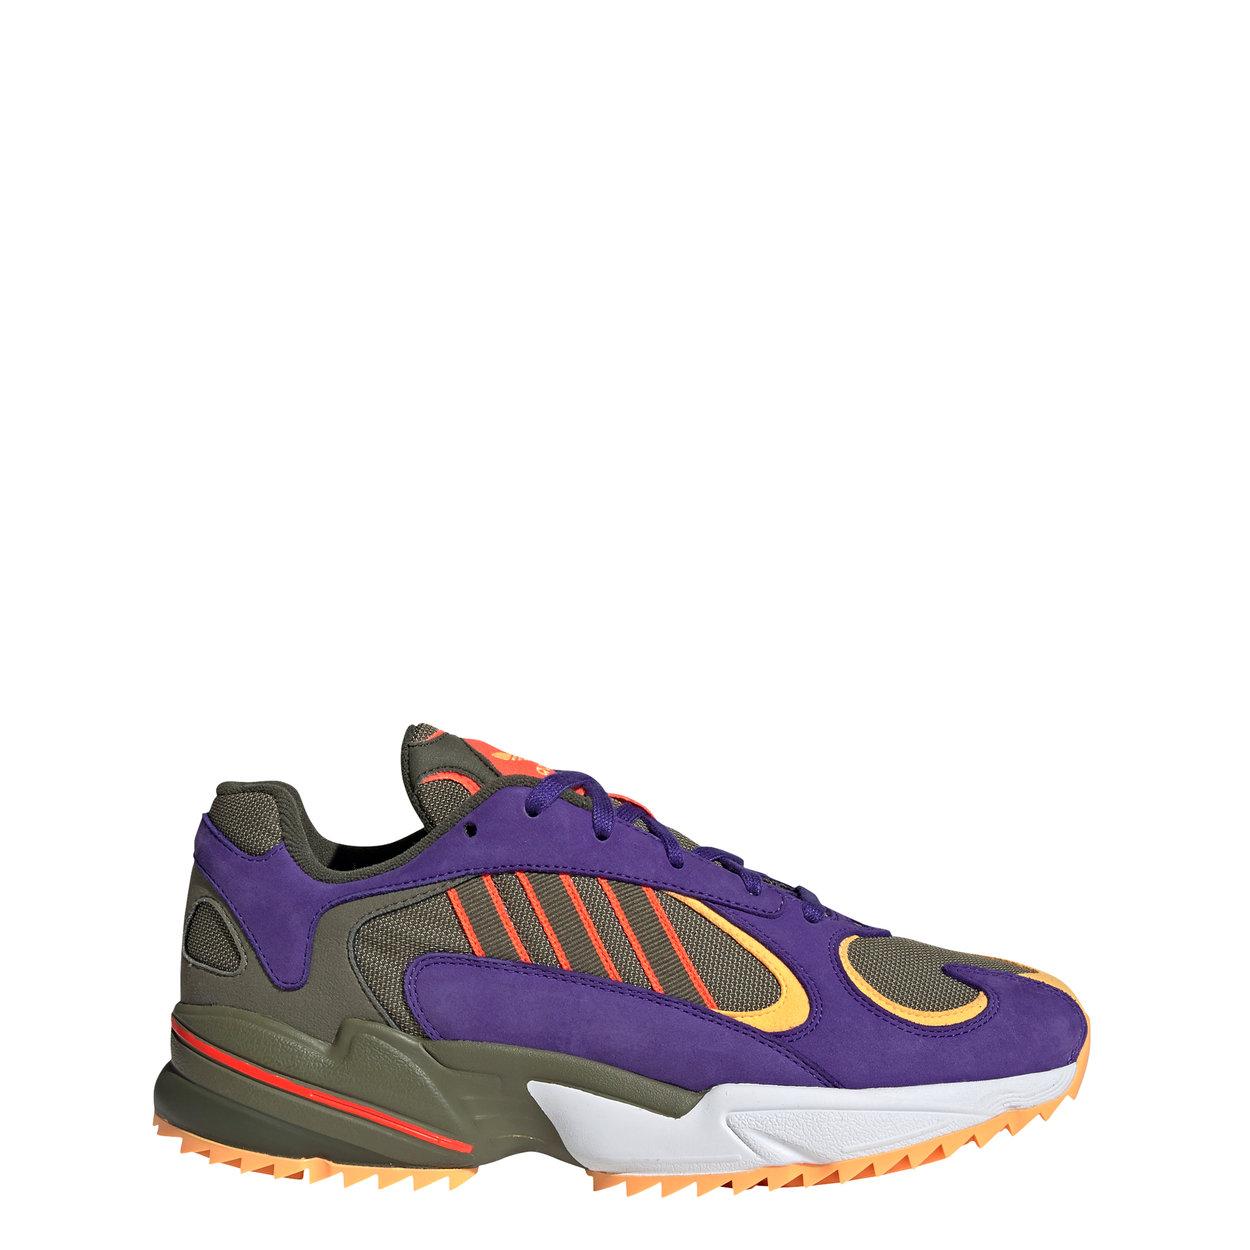 Image of Sneaker Yung-1 Trial multicolor kaki multicolor